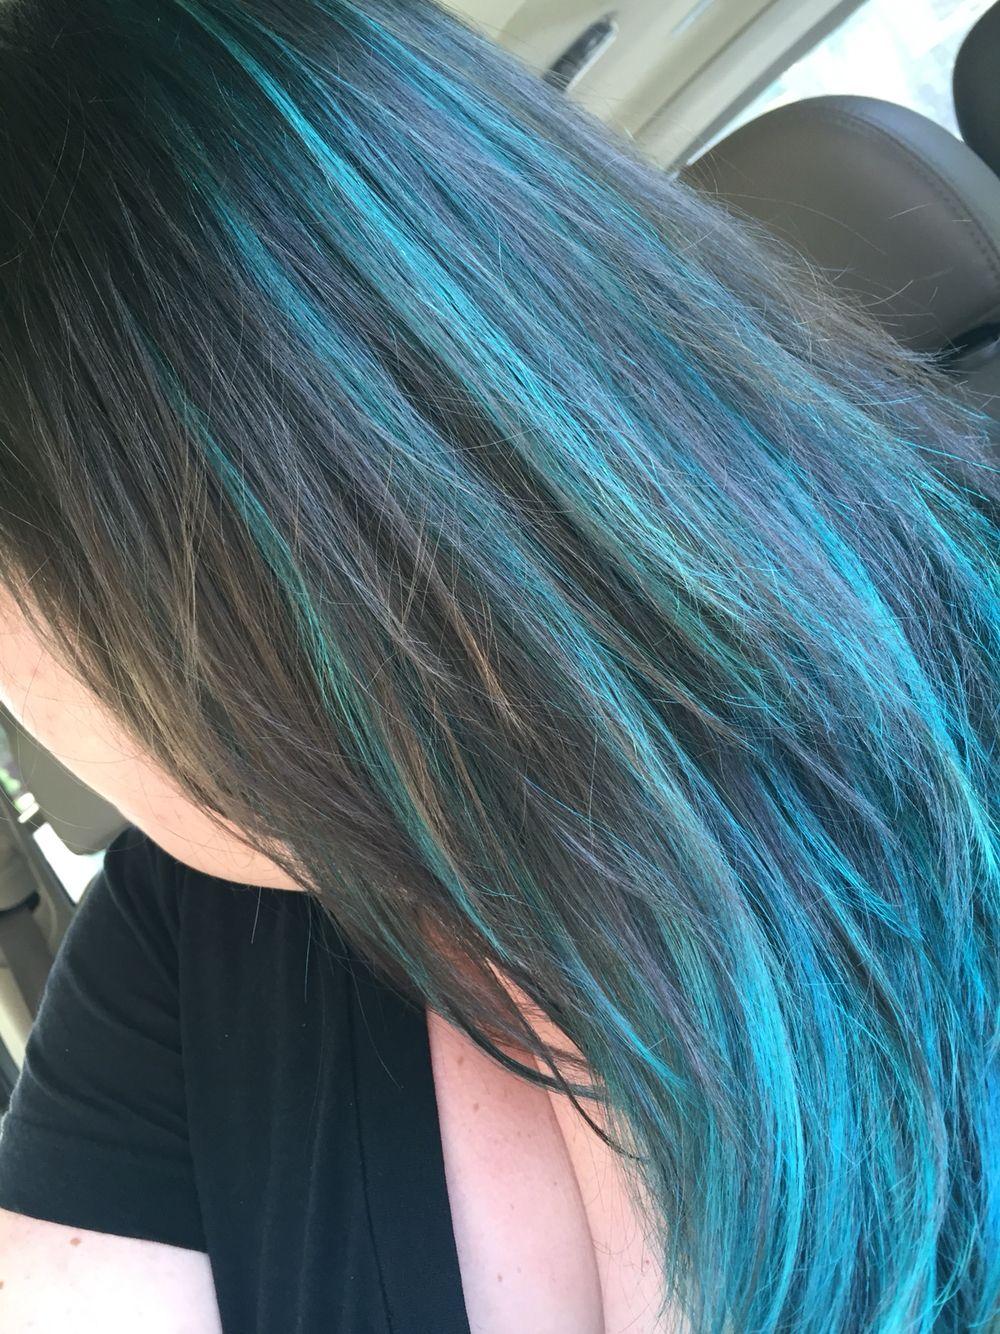 Blue Aqua hair highlights images